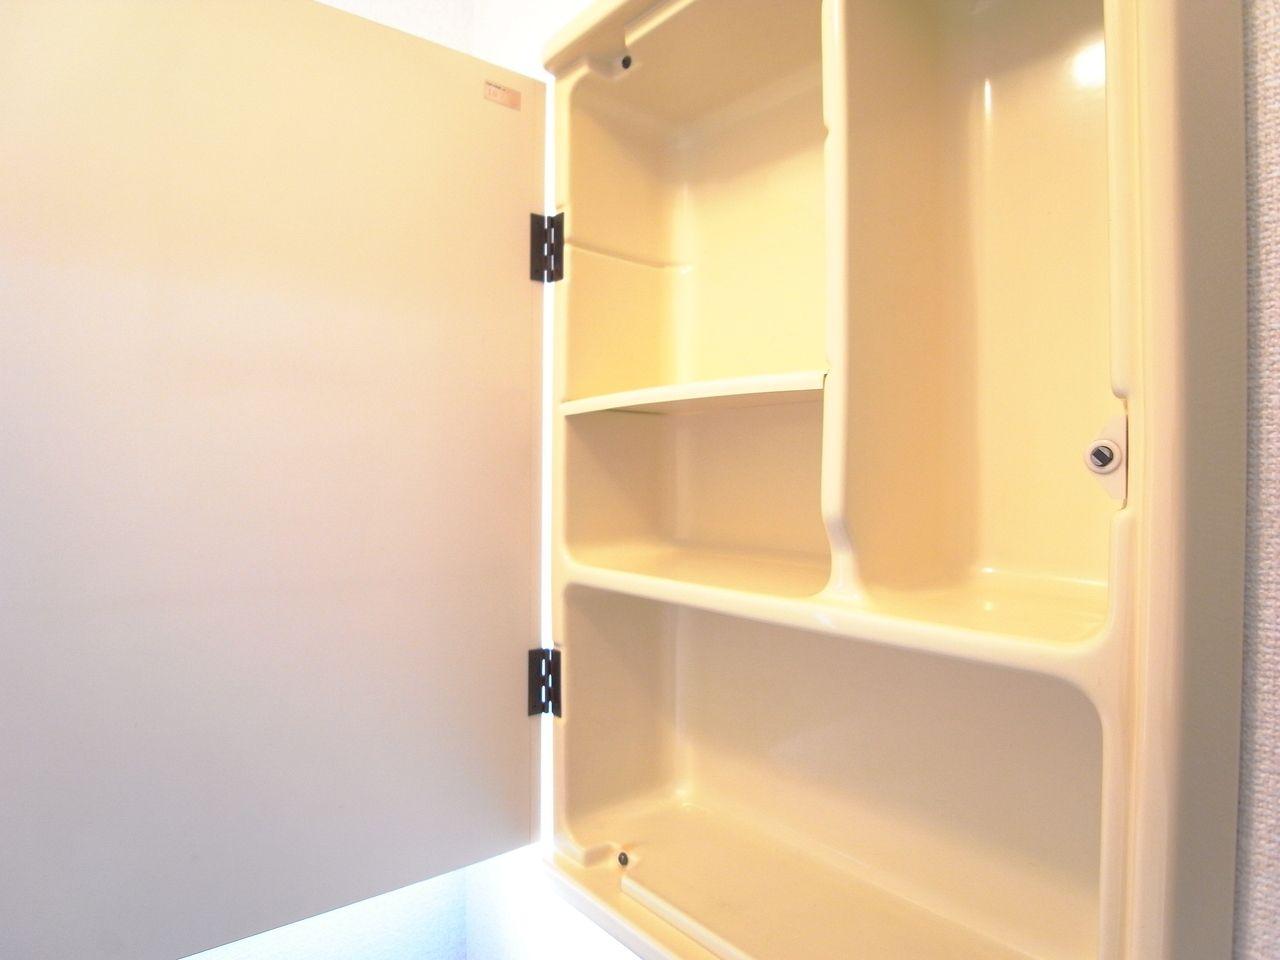 トイレットペーパーや掃除道具が収納可能